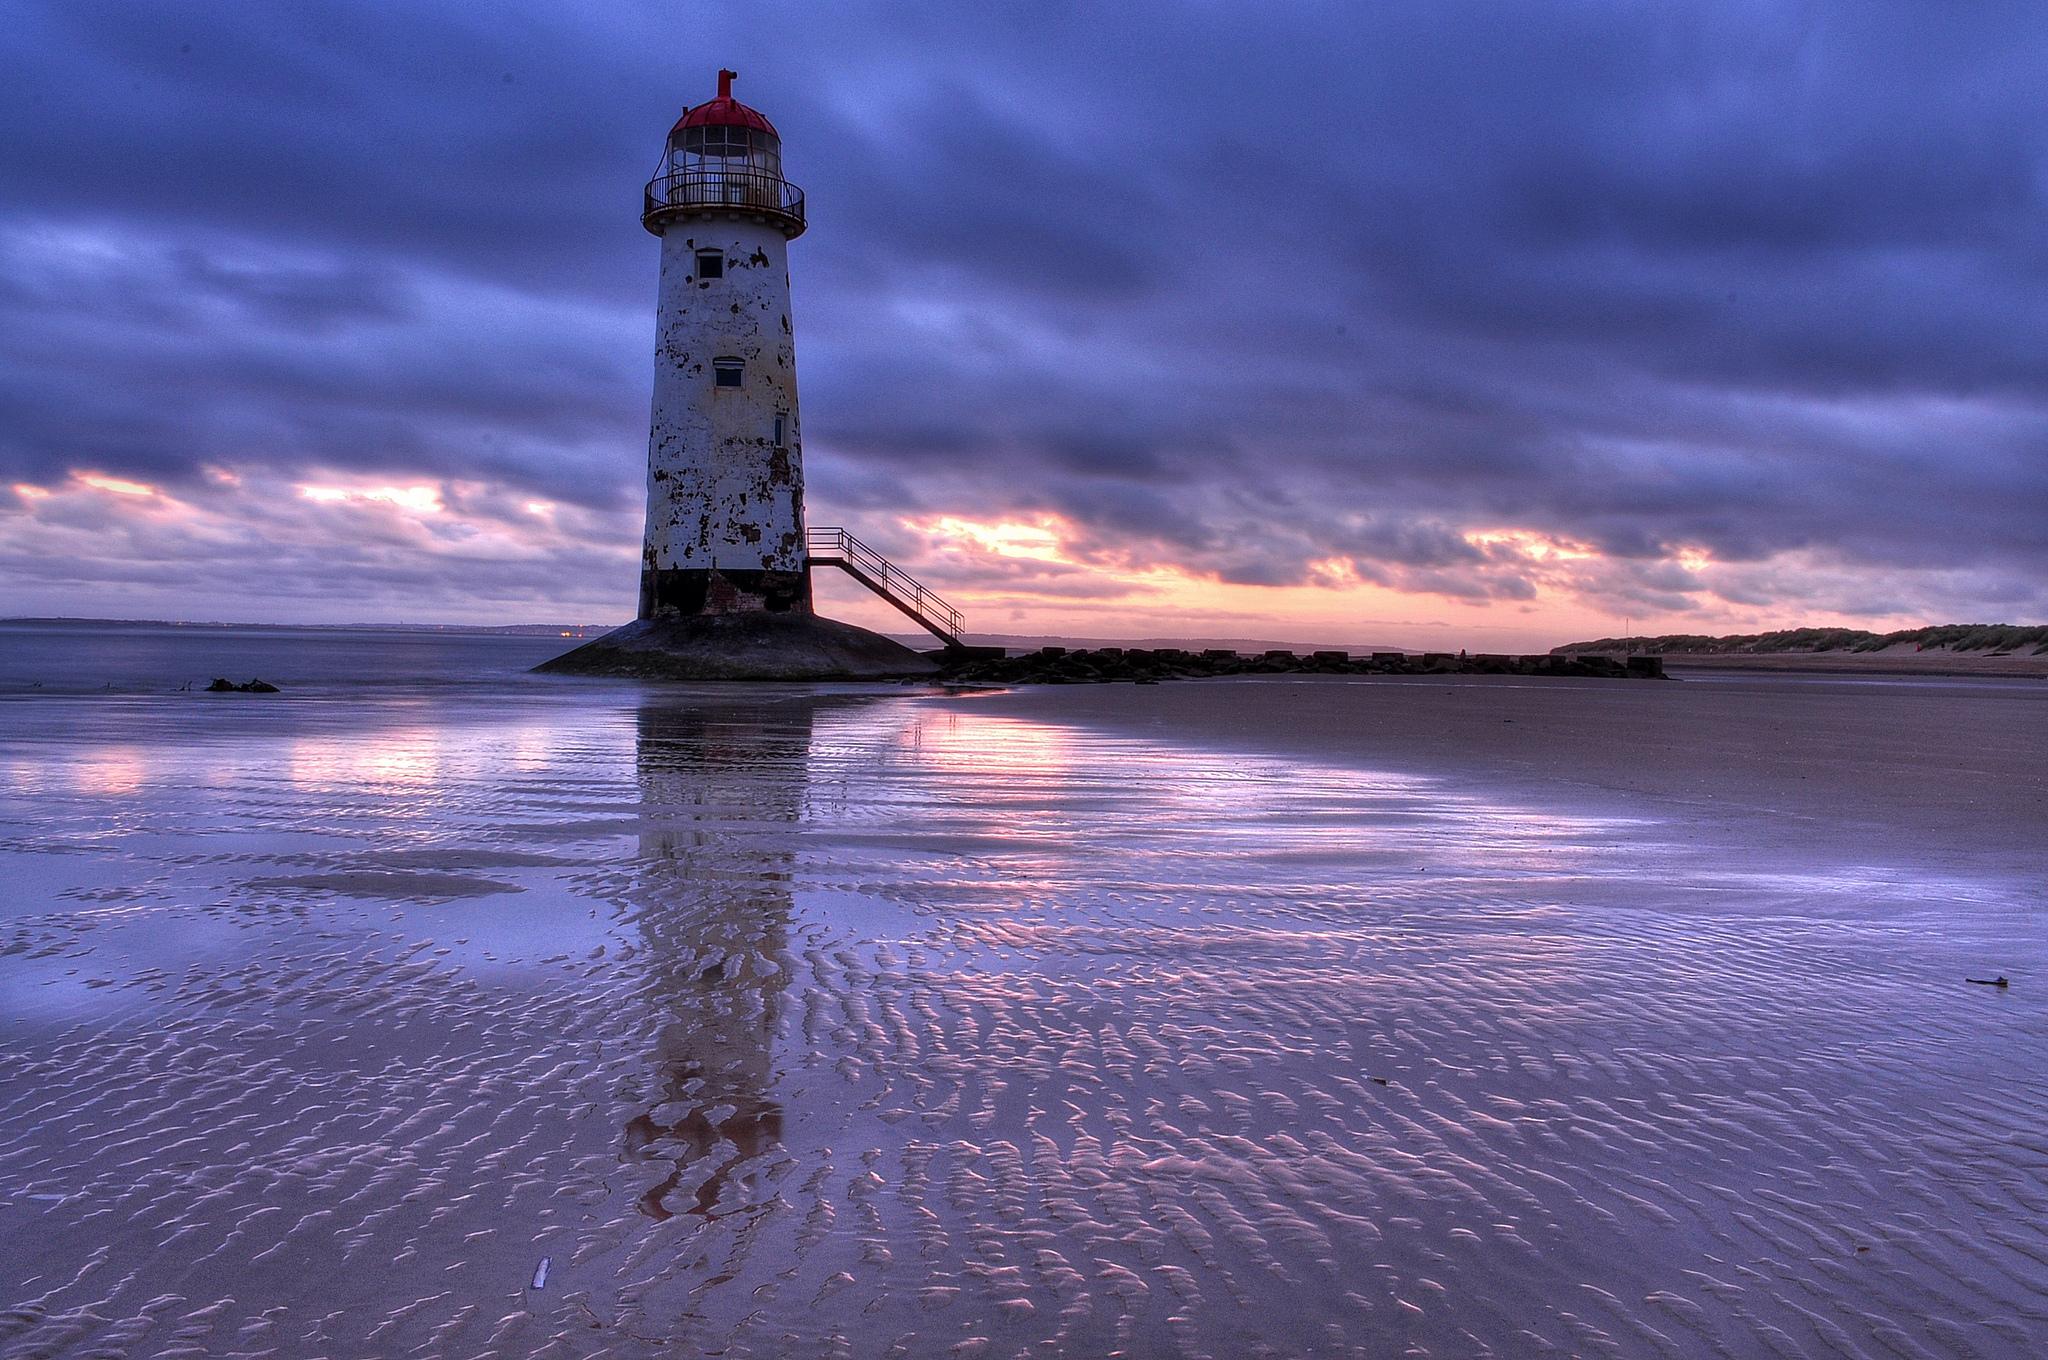 маяк море берег lighthouse sea shore  № 2220824 без смс